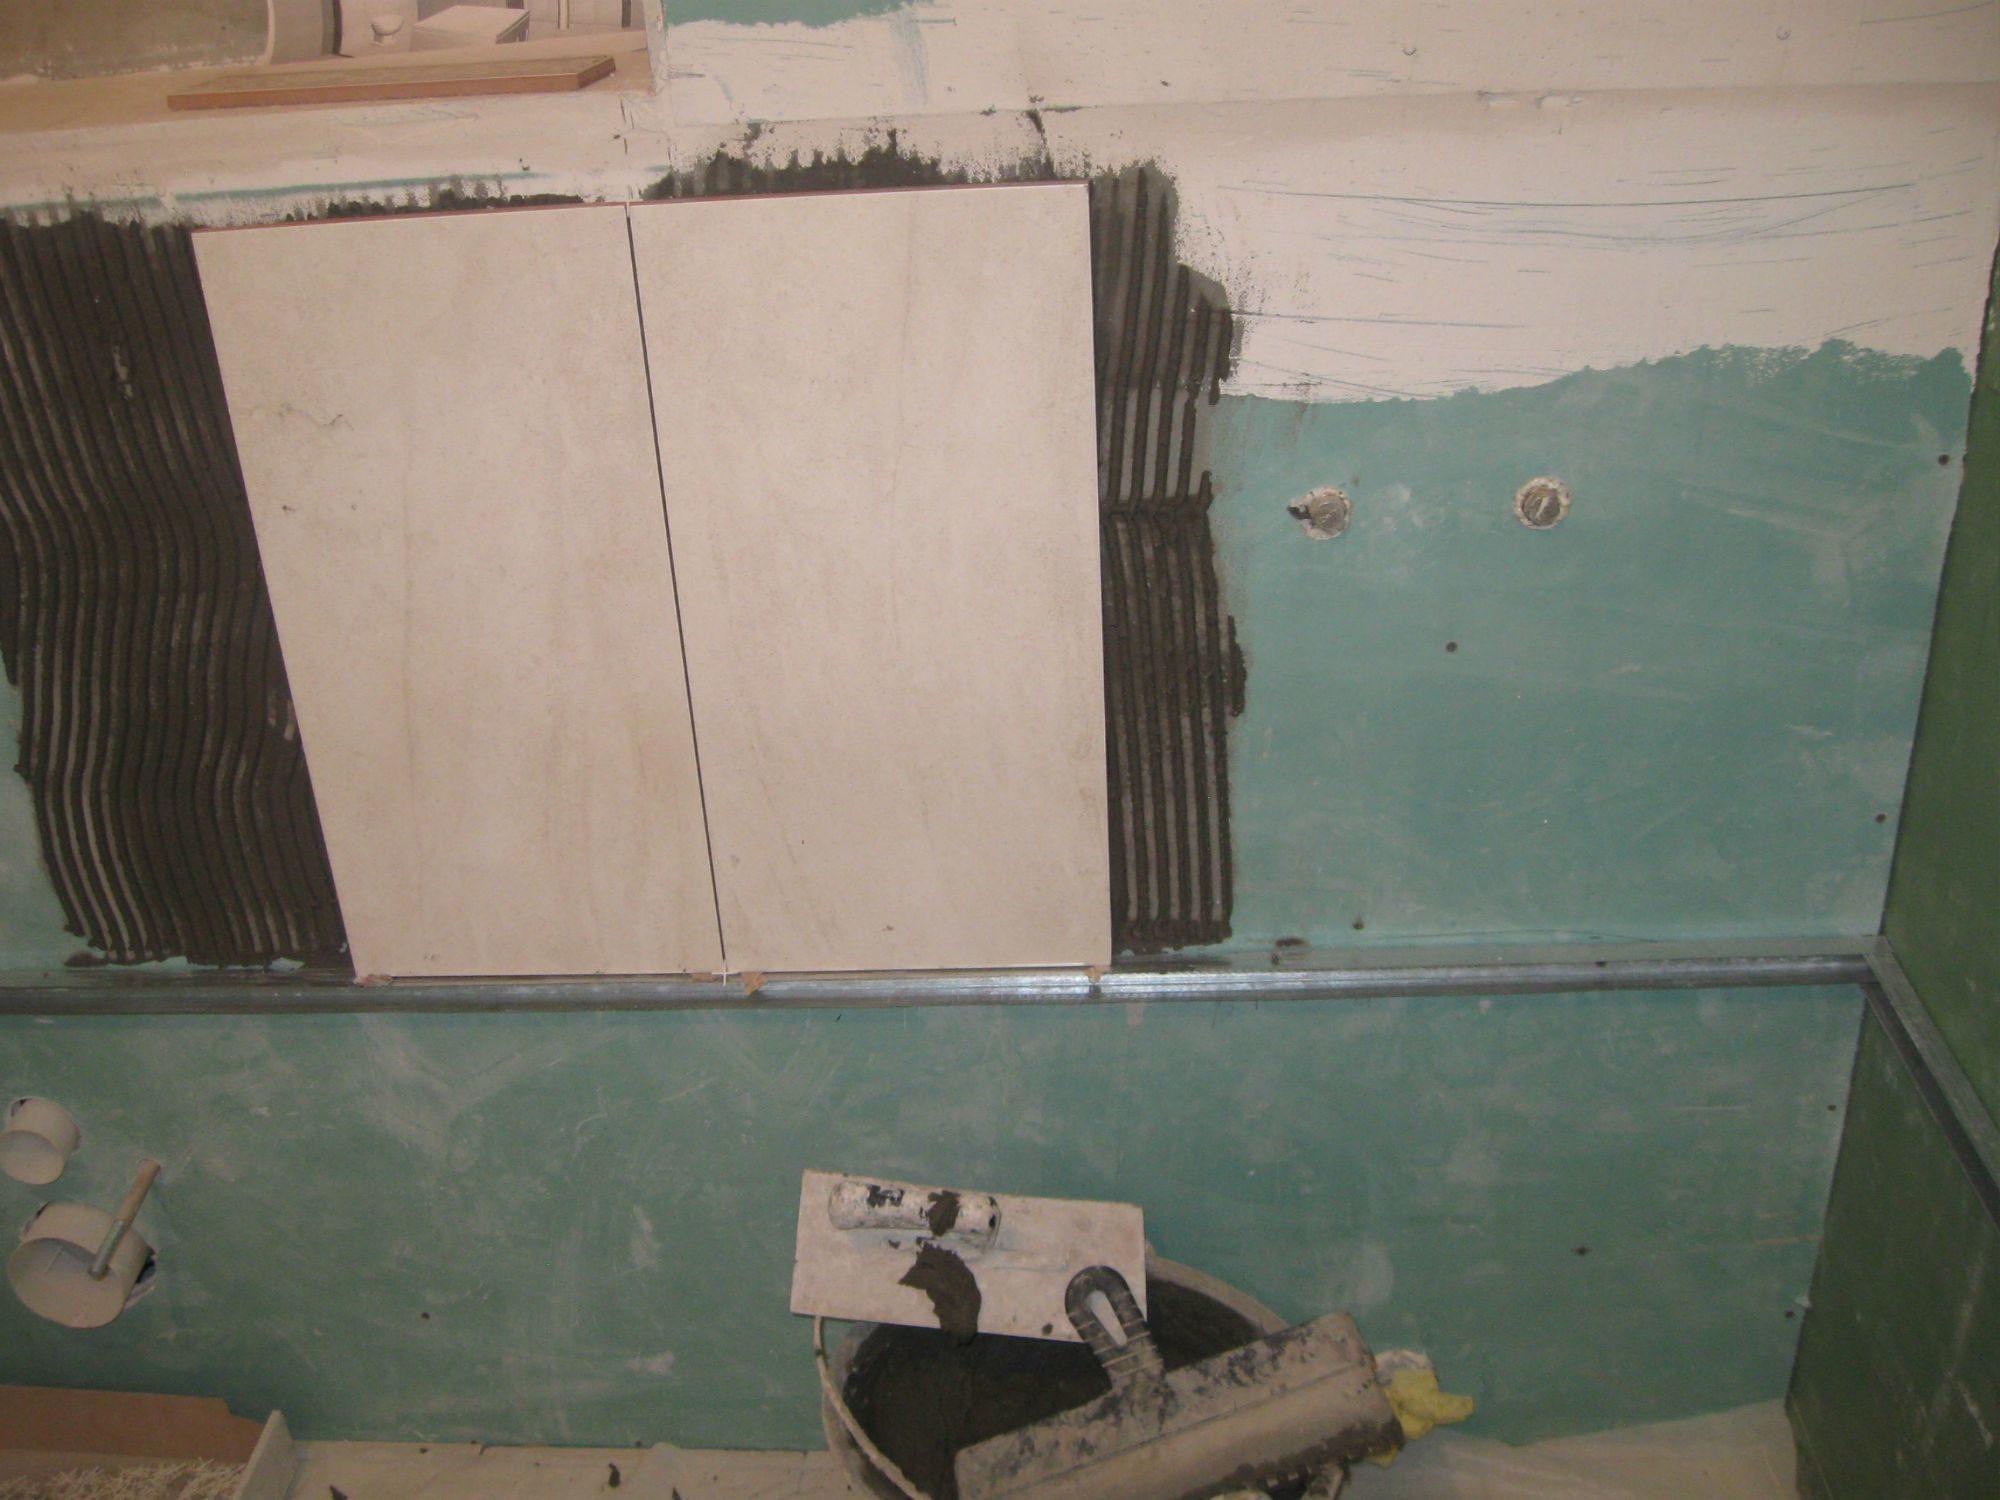 podgotovka-sten-pod-plitku-03-3275609